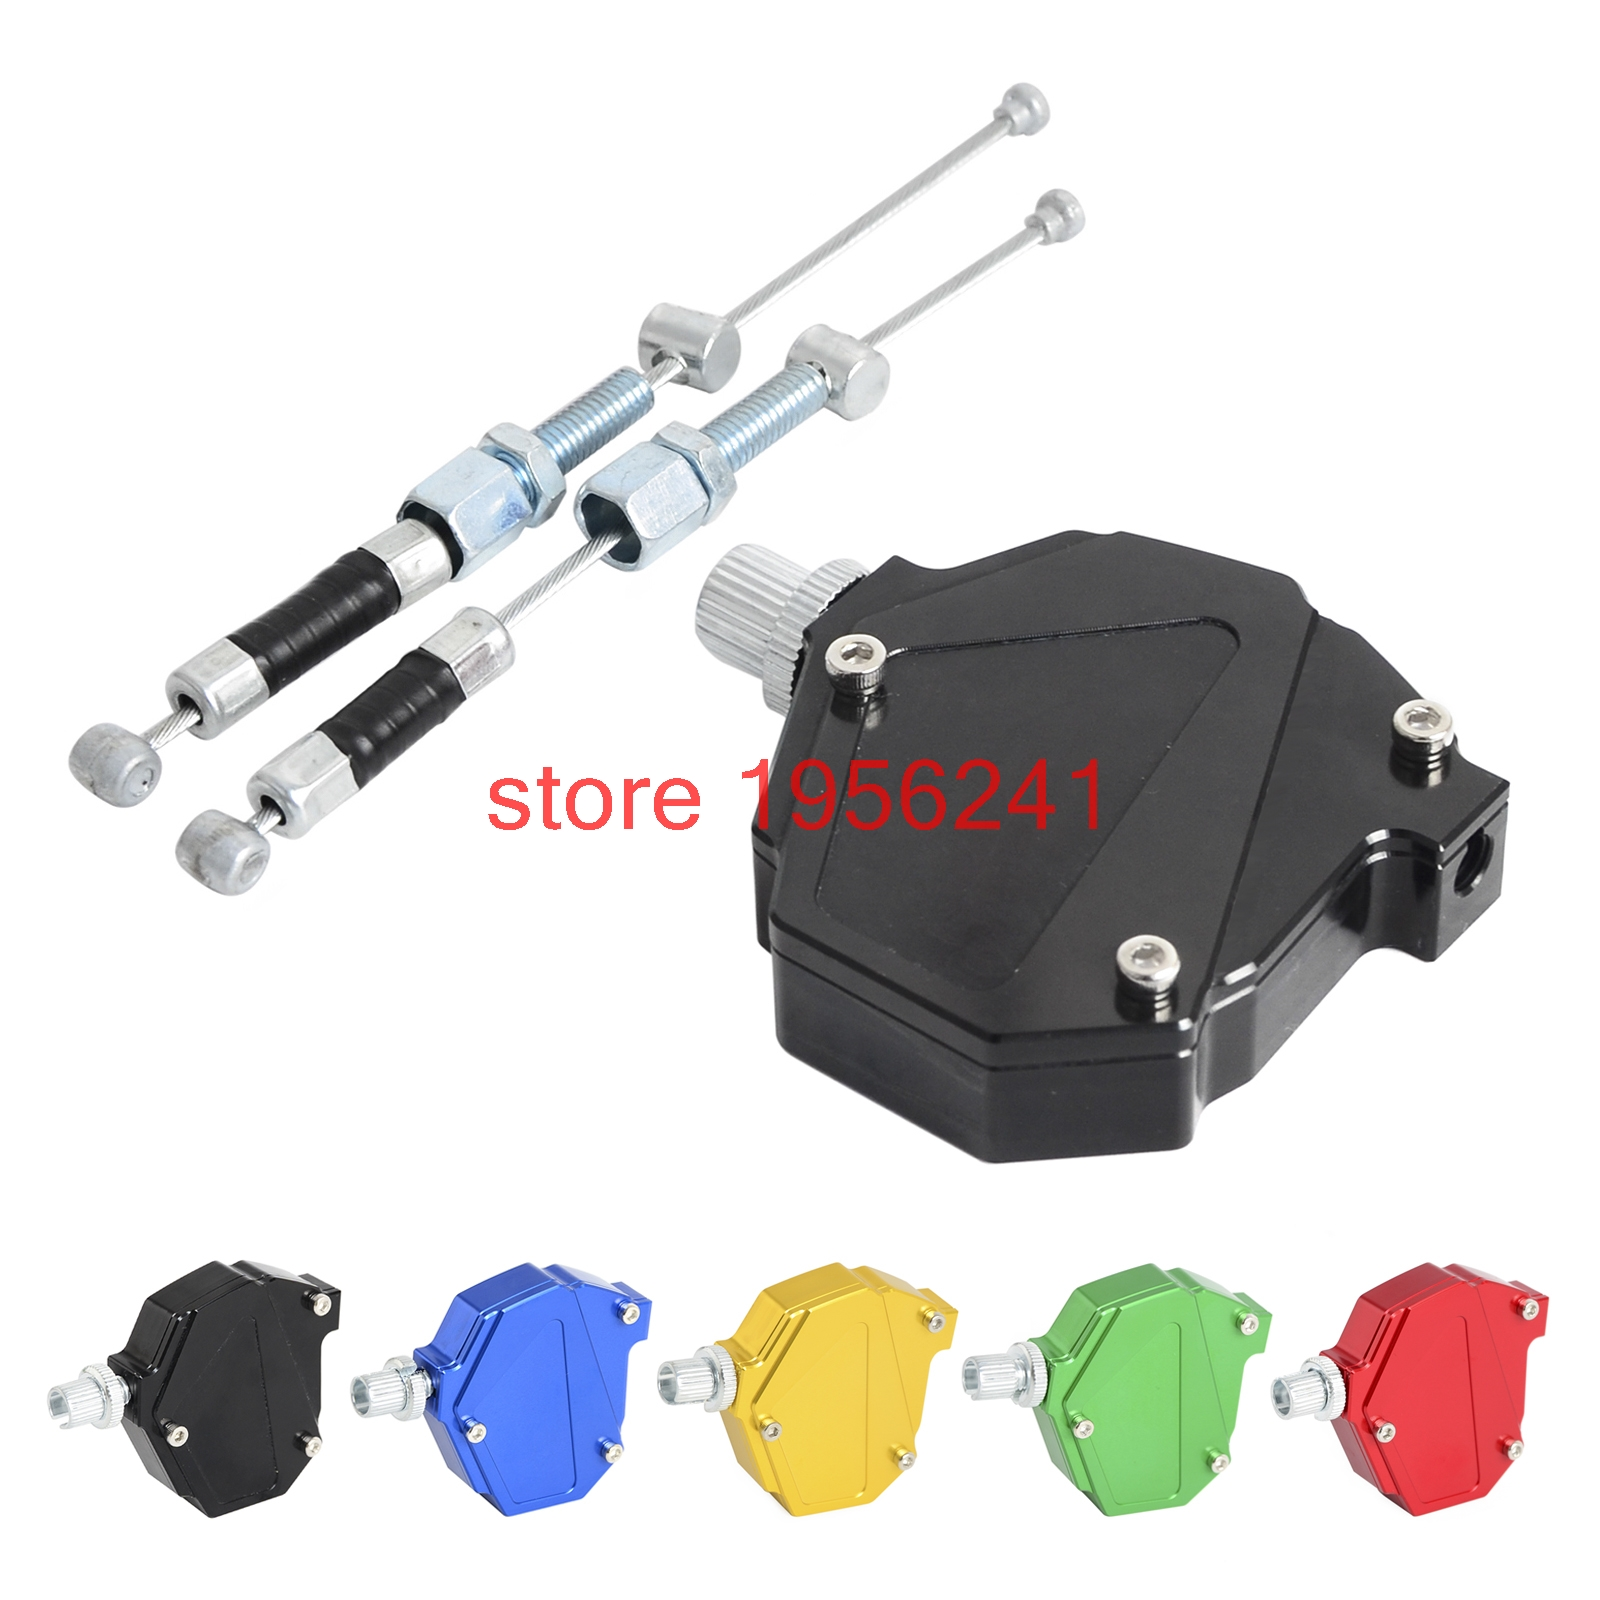 CNC Stunt Kupplung Einfach Ziehen Kabel System Für Yamaha YZ85 YZ125 YZ250 YZ250F YZ450F TTR250 WR250R WR250X WR250F WR450F